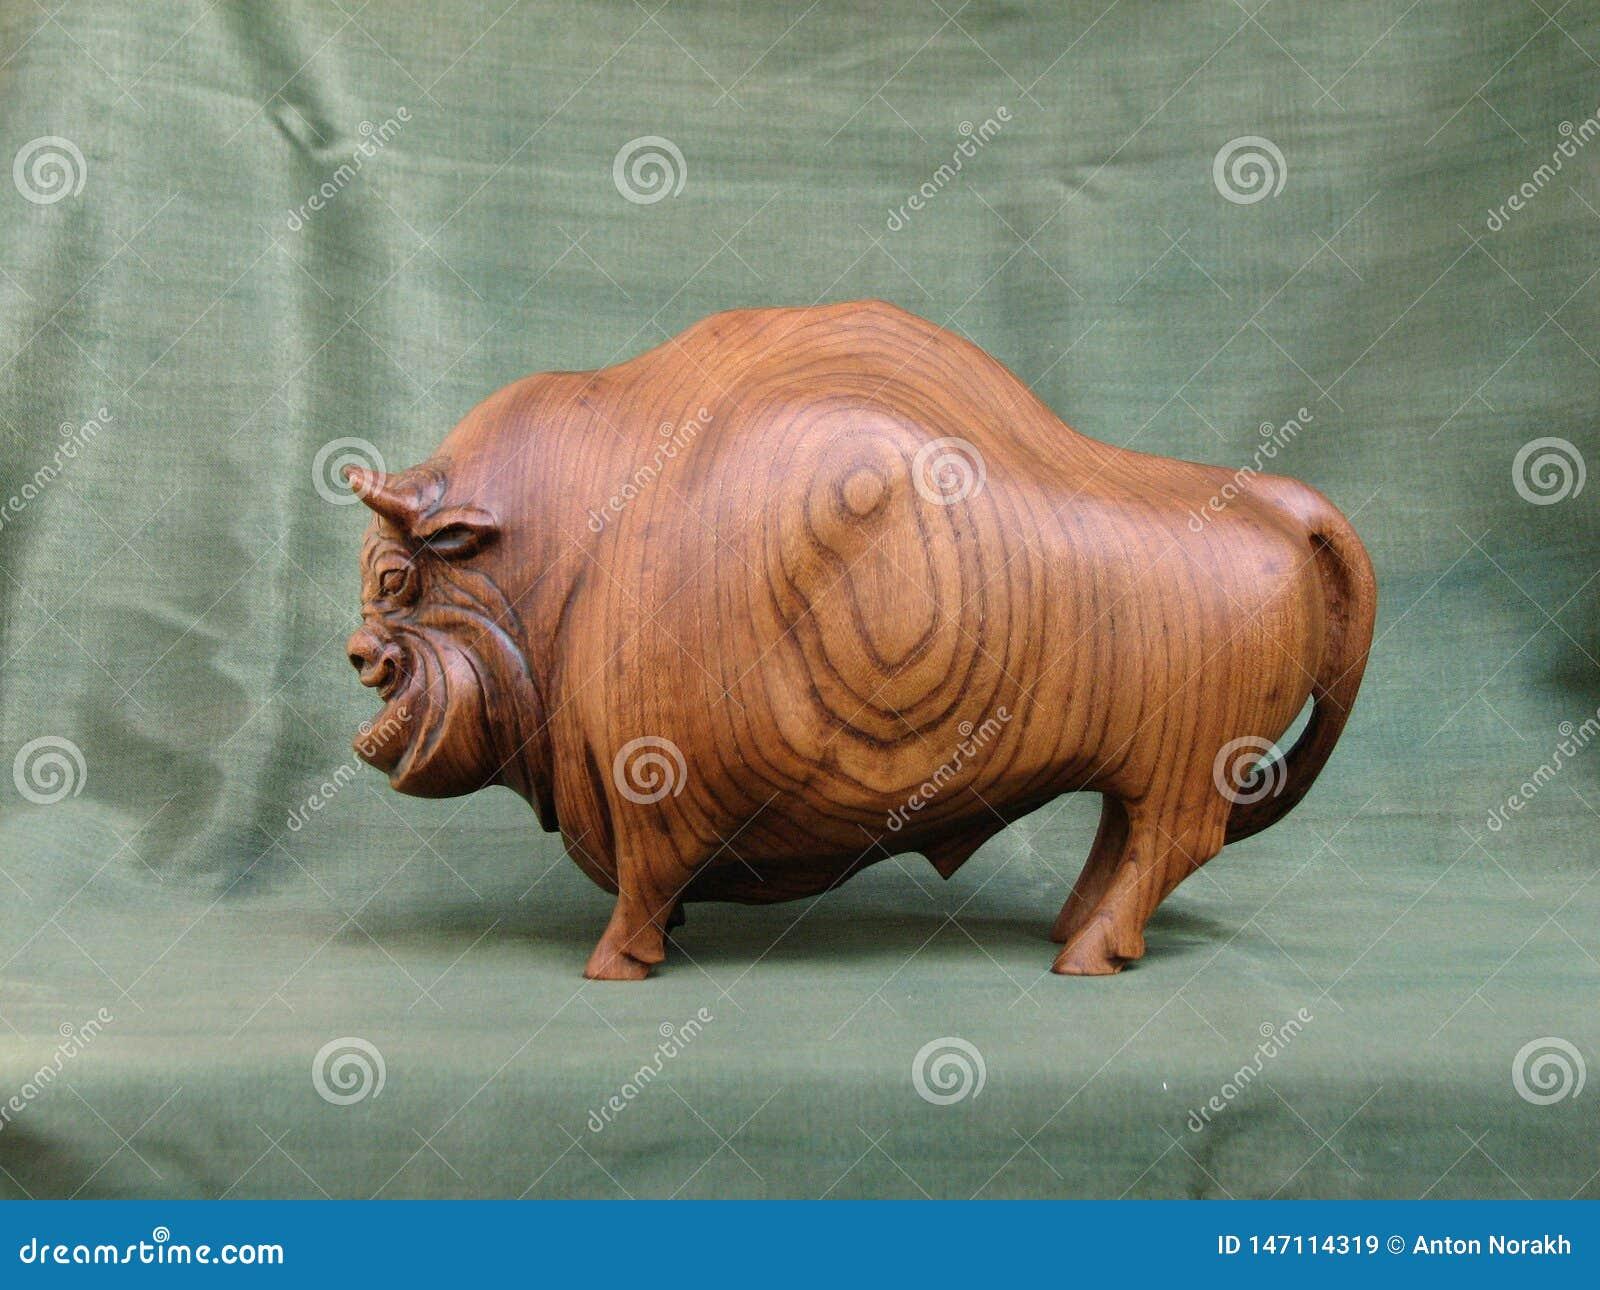 Bison, sculpture of wood Karagach